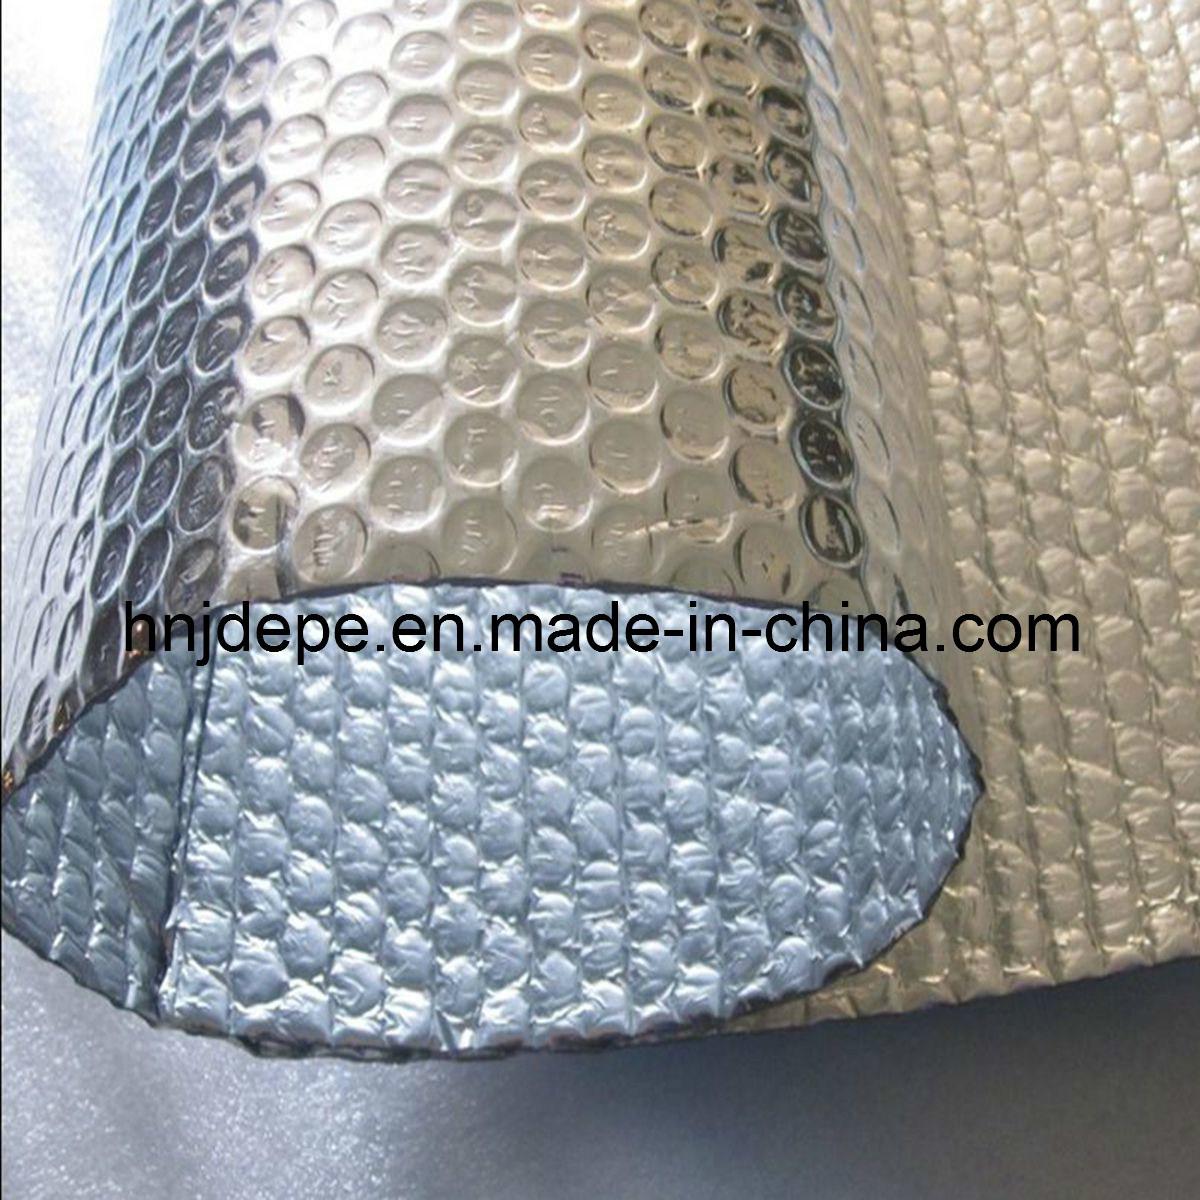 isolation de bulle de papier d 39 aluminium jdac02 isolation de bulle de papier d 39 aluminium. Black Bedroom Furniture Sets. Home Design Ideas